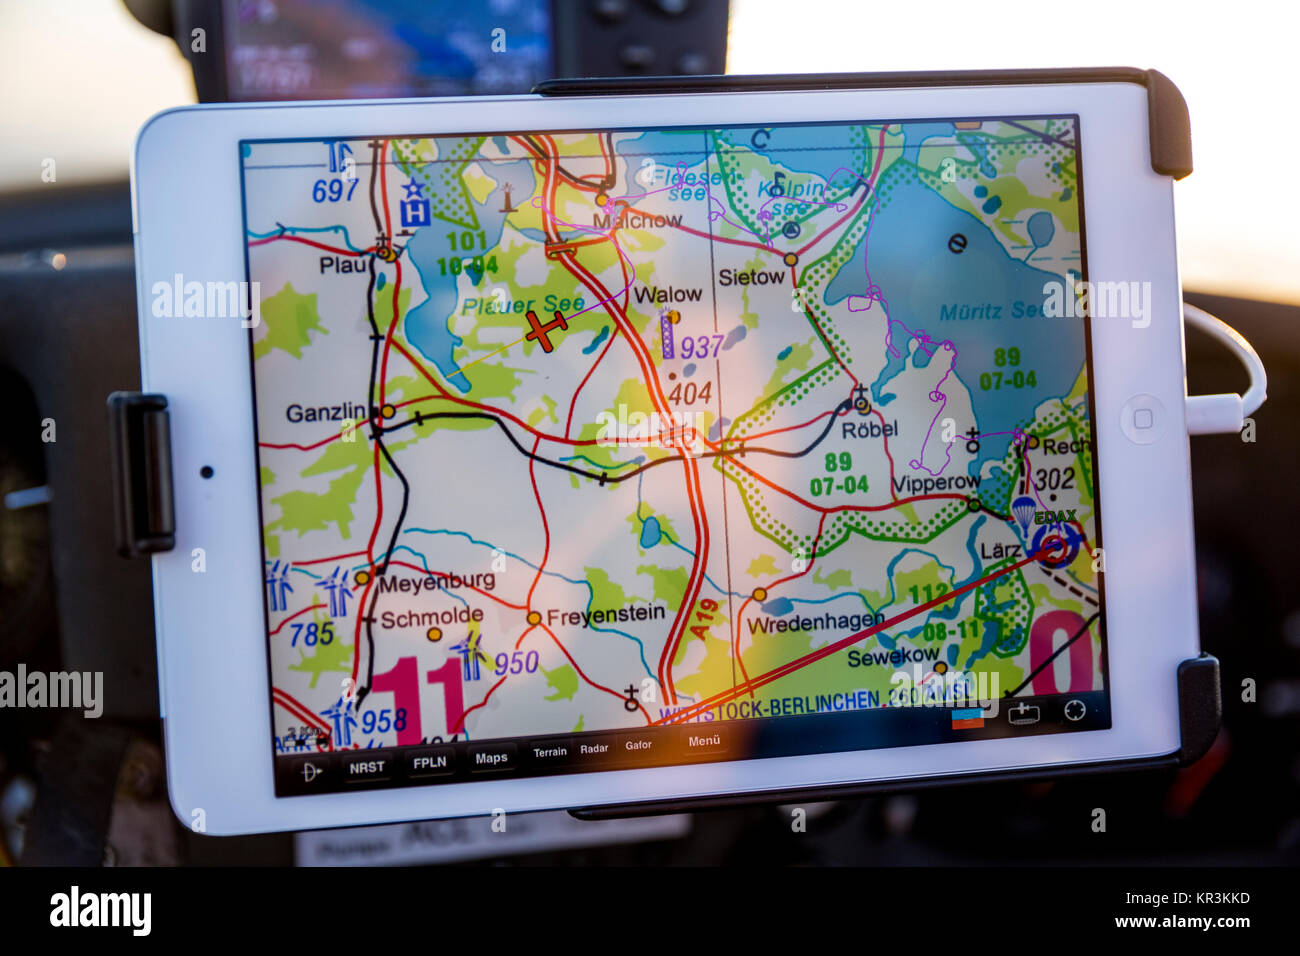 La navigation aérienne, GA, l'aviation générale, la navigation GPS sur un IPad mini avec SkyMap, Photo Stock